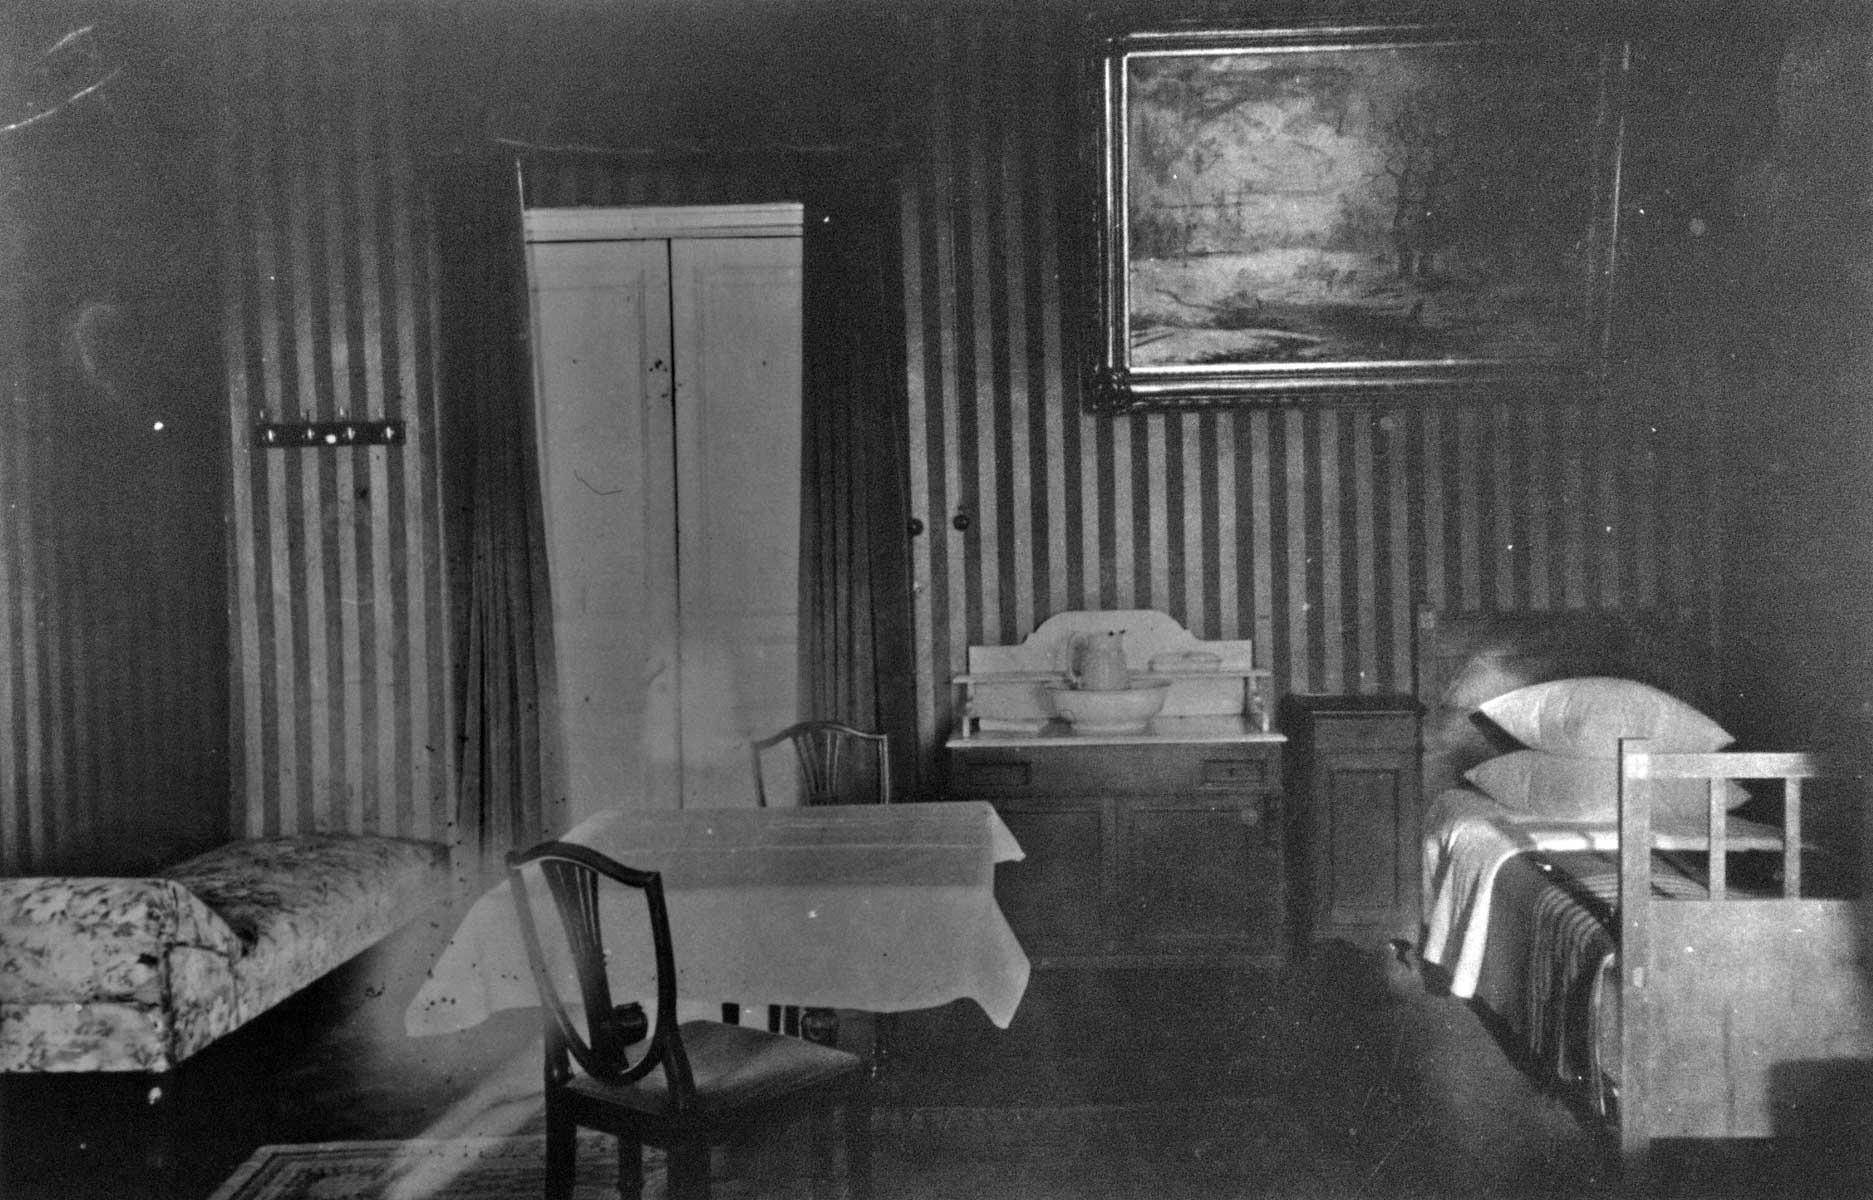 Фотография номера №5 гостиницы «Англетер», сделанные по просьбе С. А. Толстой в начале 1926 года.